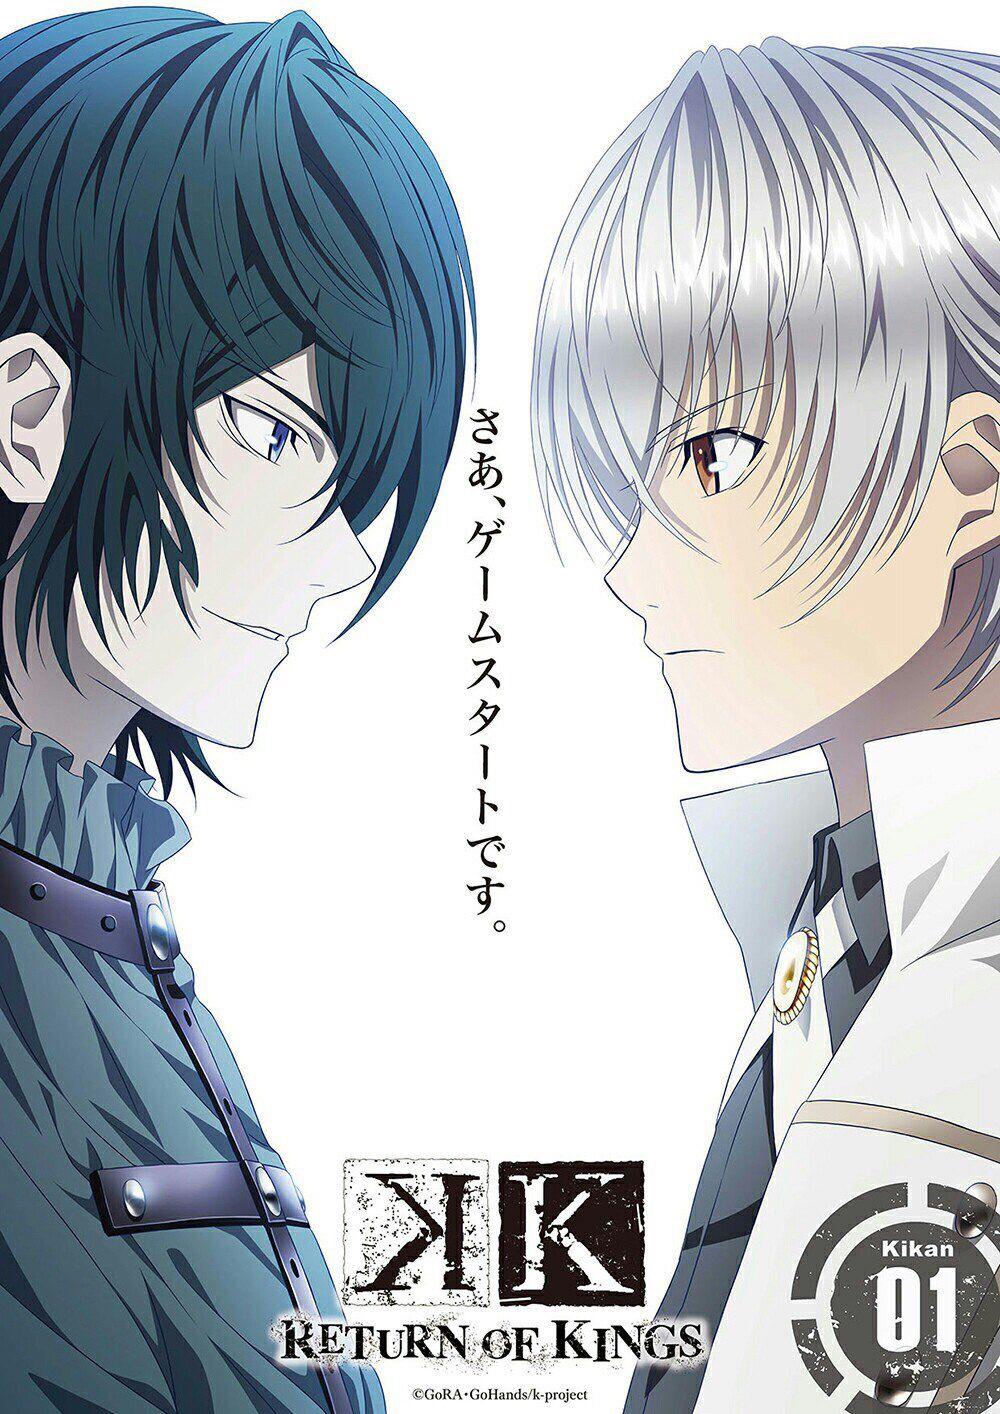 K Project, 2 Season 2015 K project anime, K project